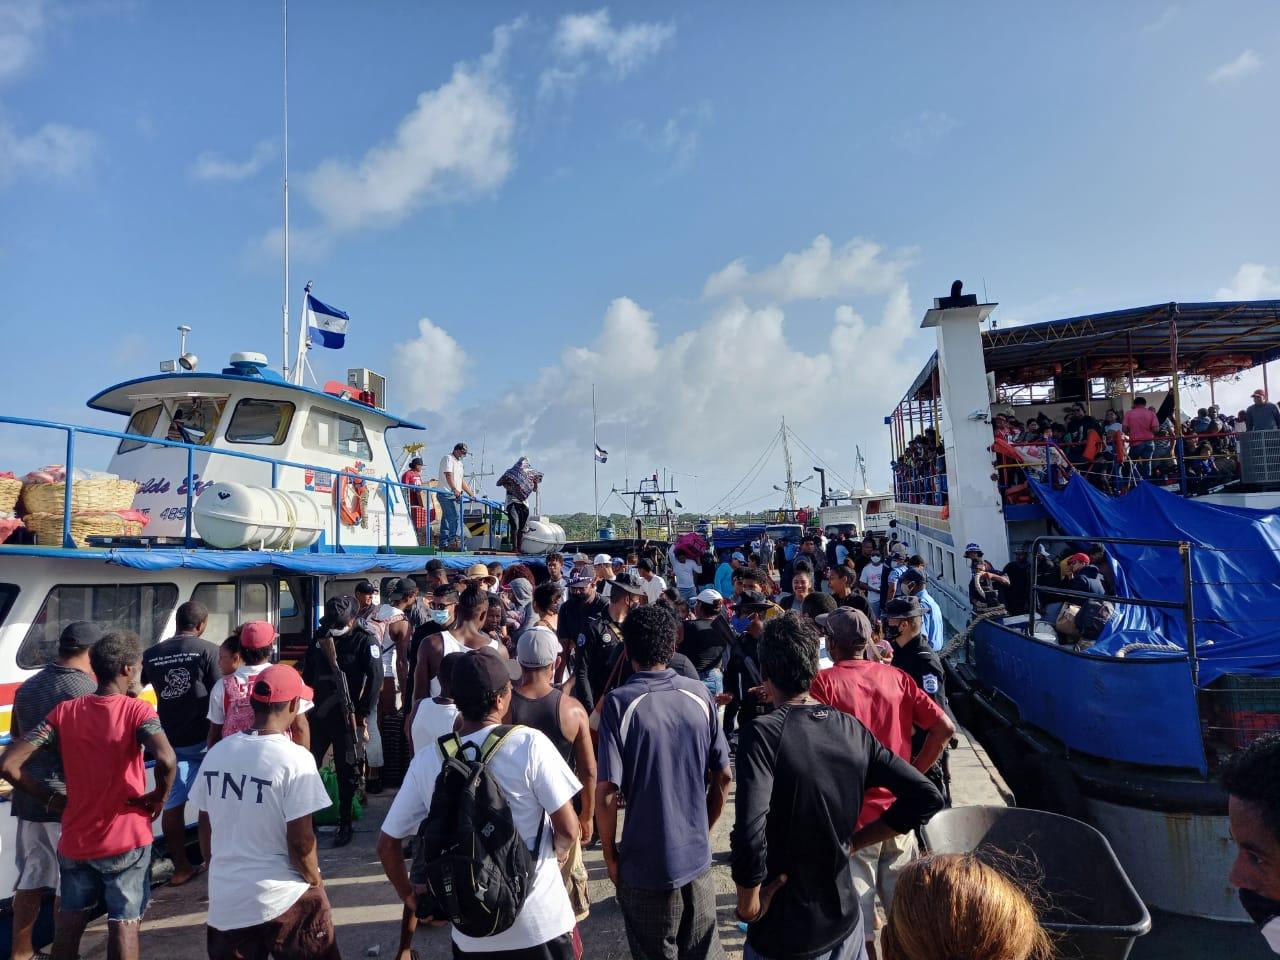 Desborde de turistas durante Semana Santa en Caribe Sur Managua. Por Danielka Ruíz/Radio La Primerísima